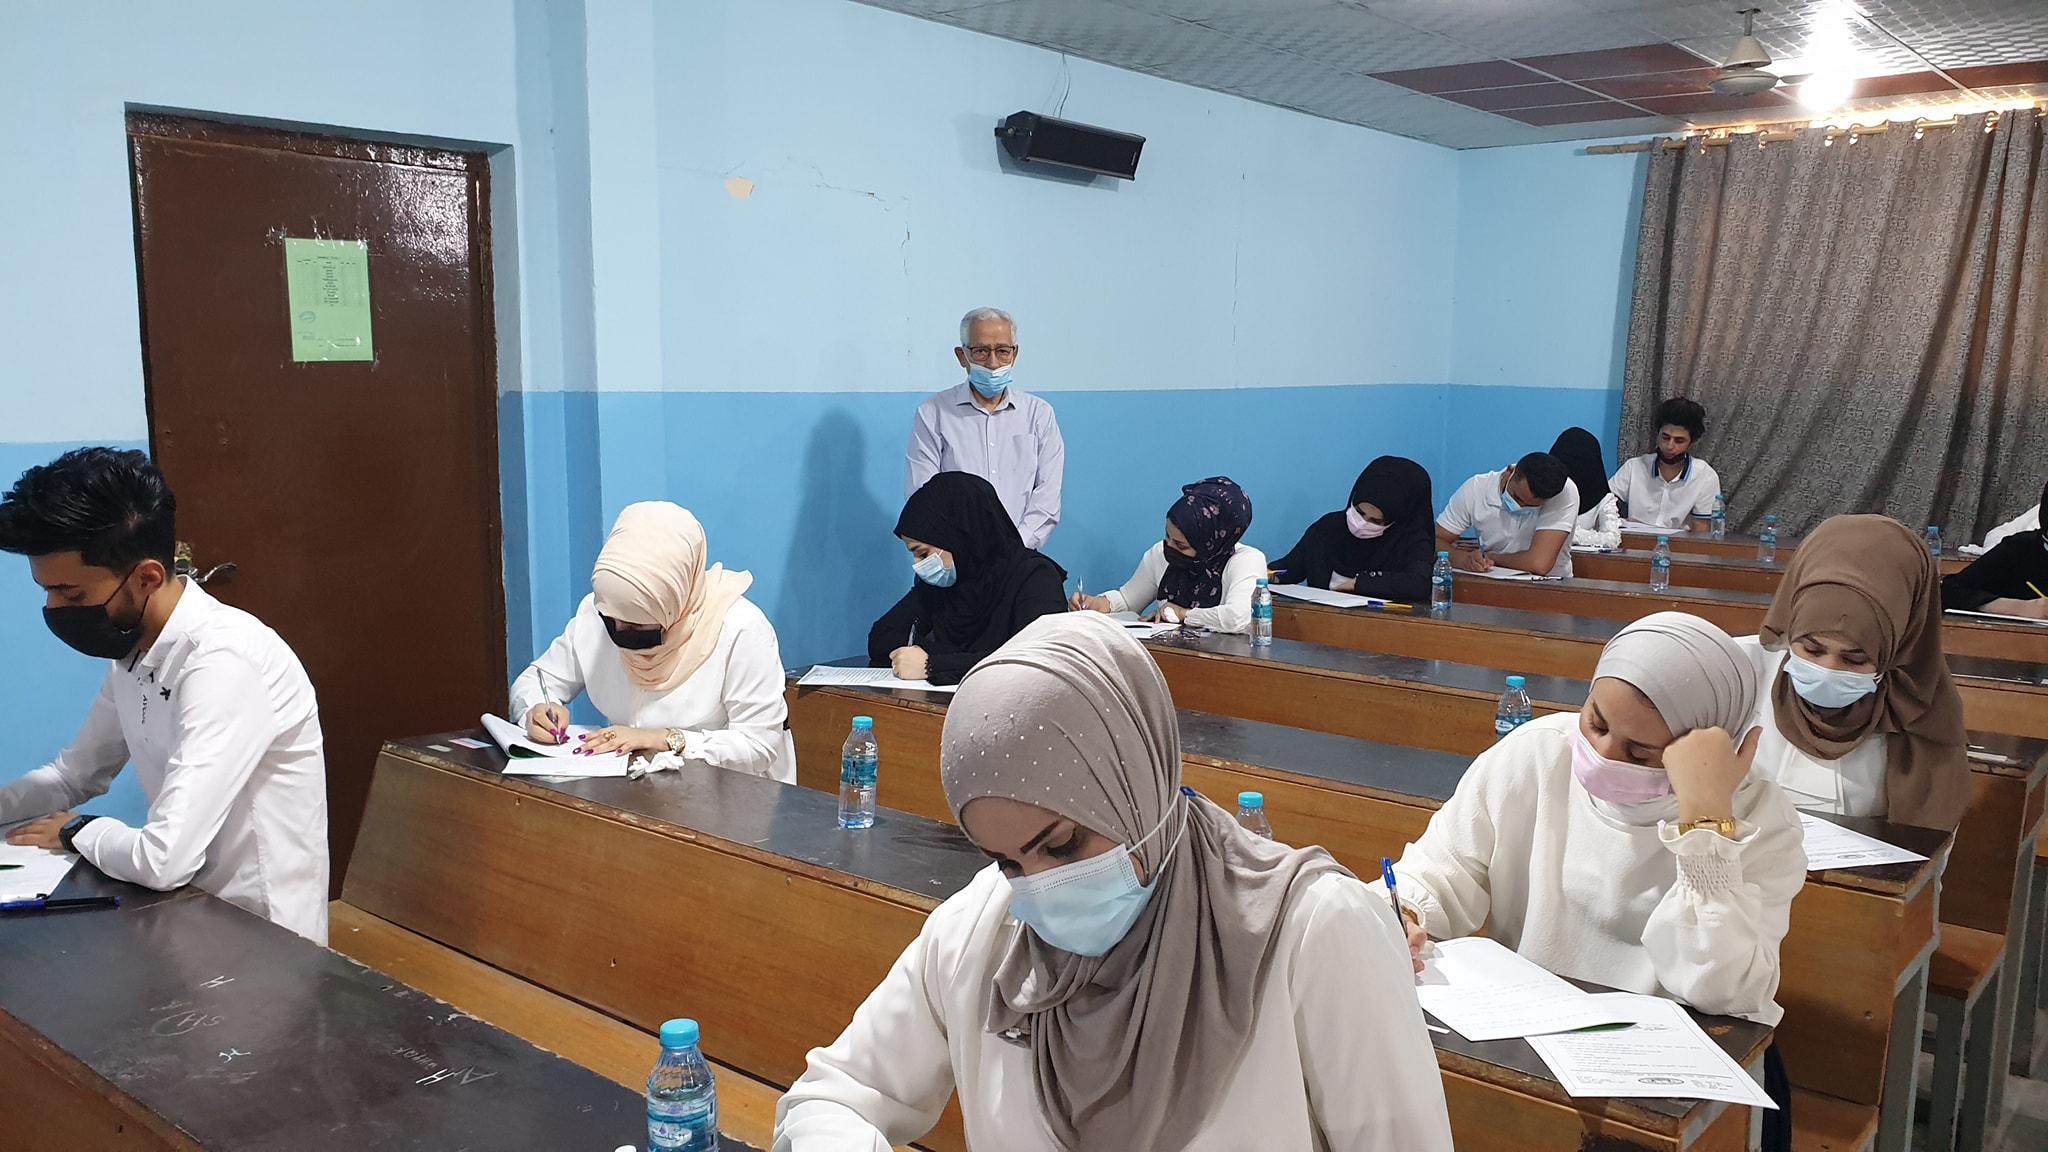 عميد كلية شط العرب الجامعة يتفقد القاعات الامتحانية الحضورية لقسم القانون